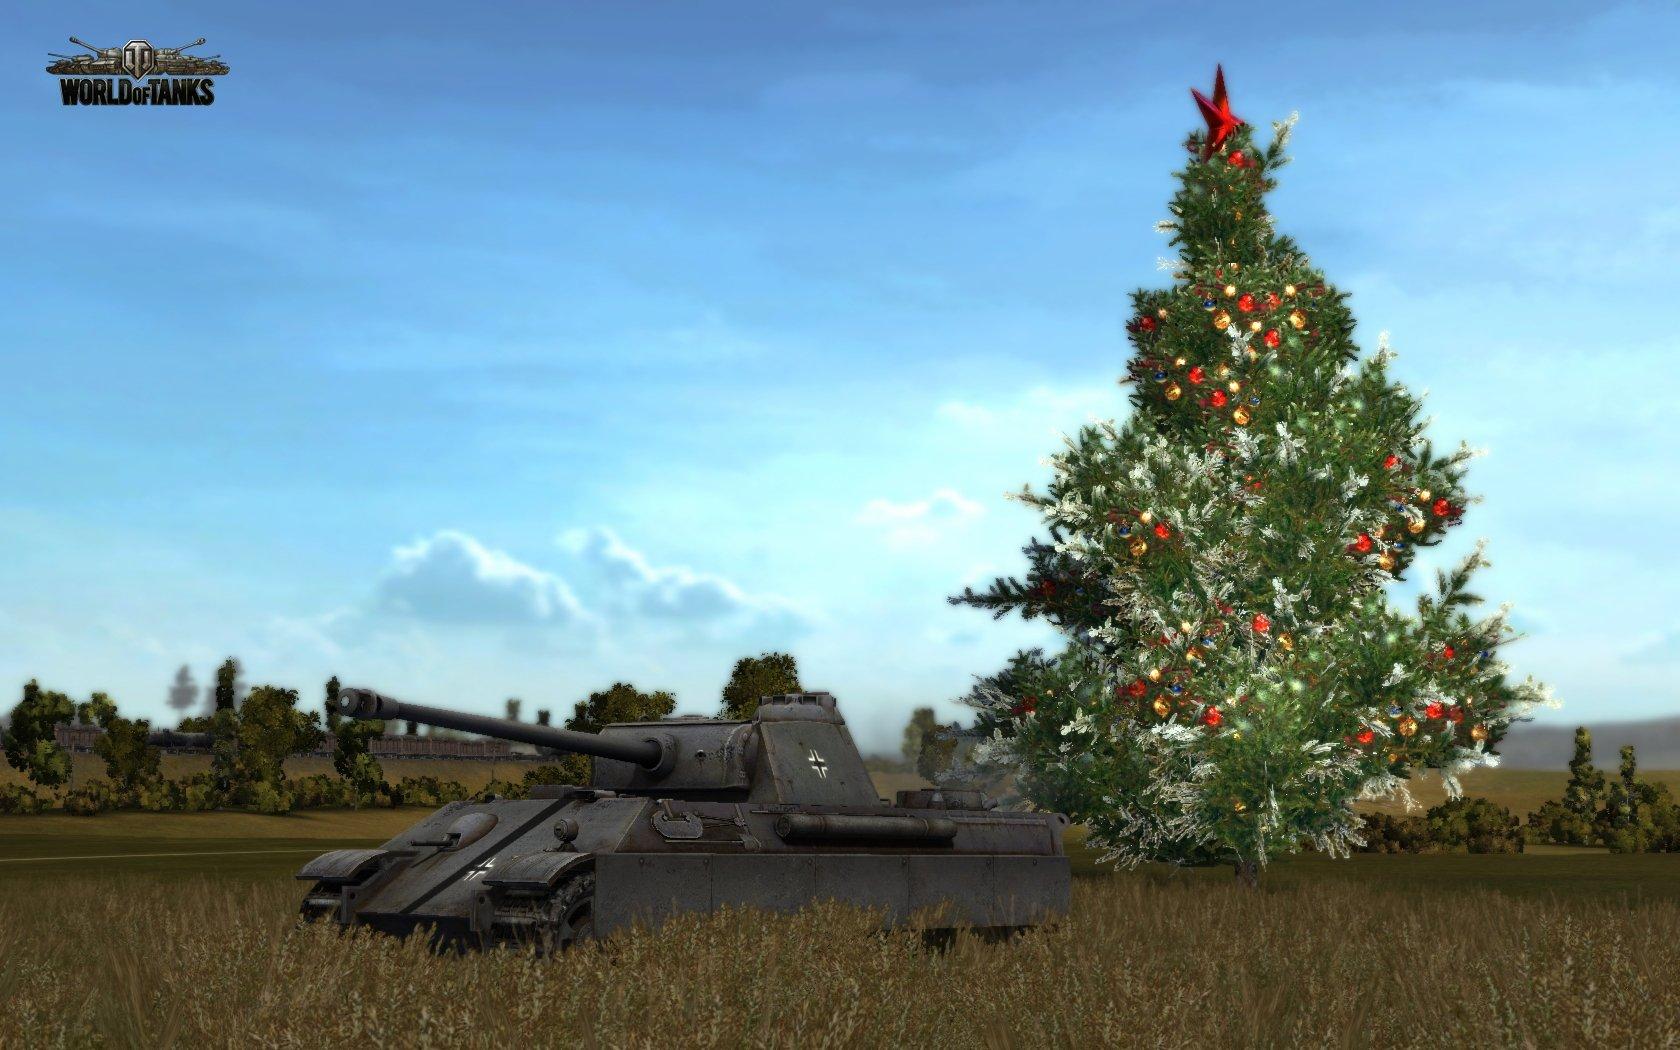 здорово картинки ворлд оф танк новые танки супа